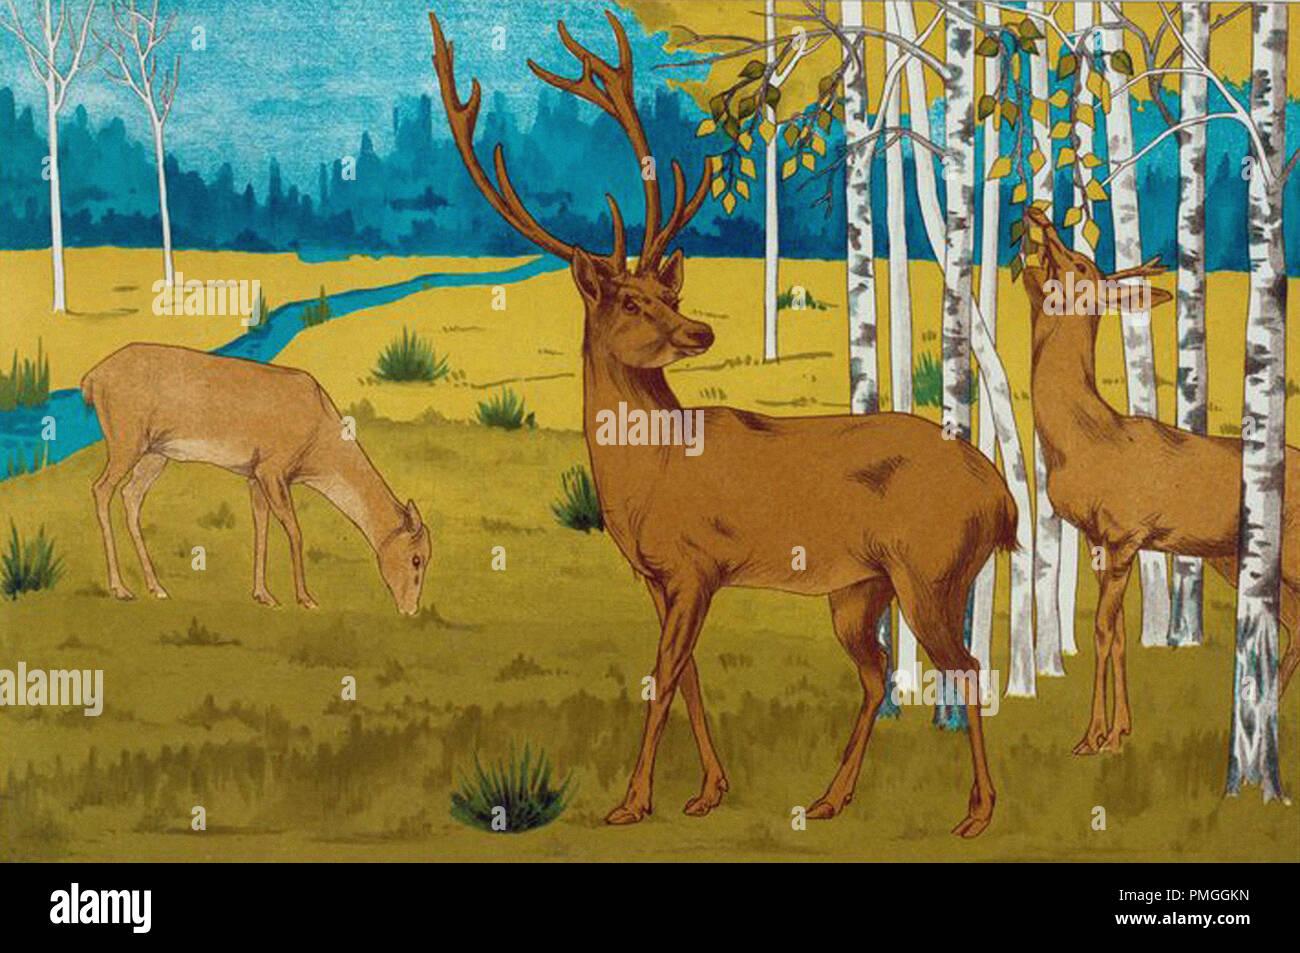 Ilustración de ciervo Imagen De Stock